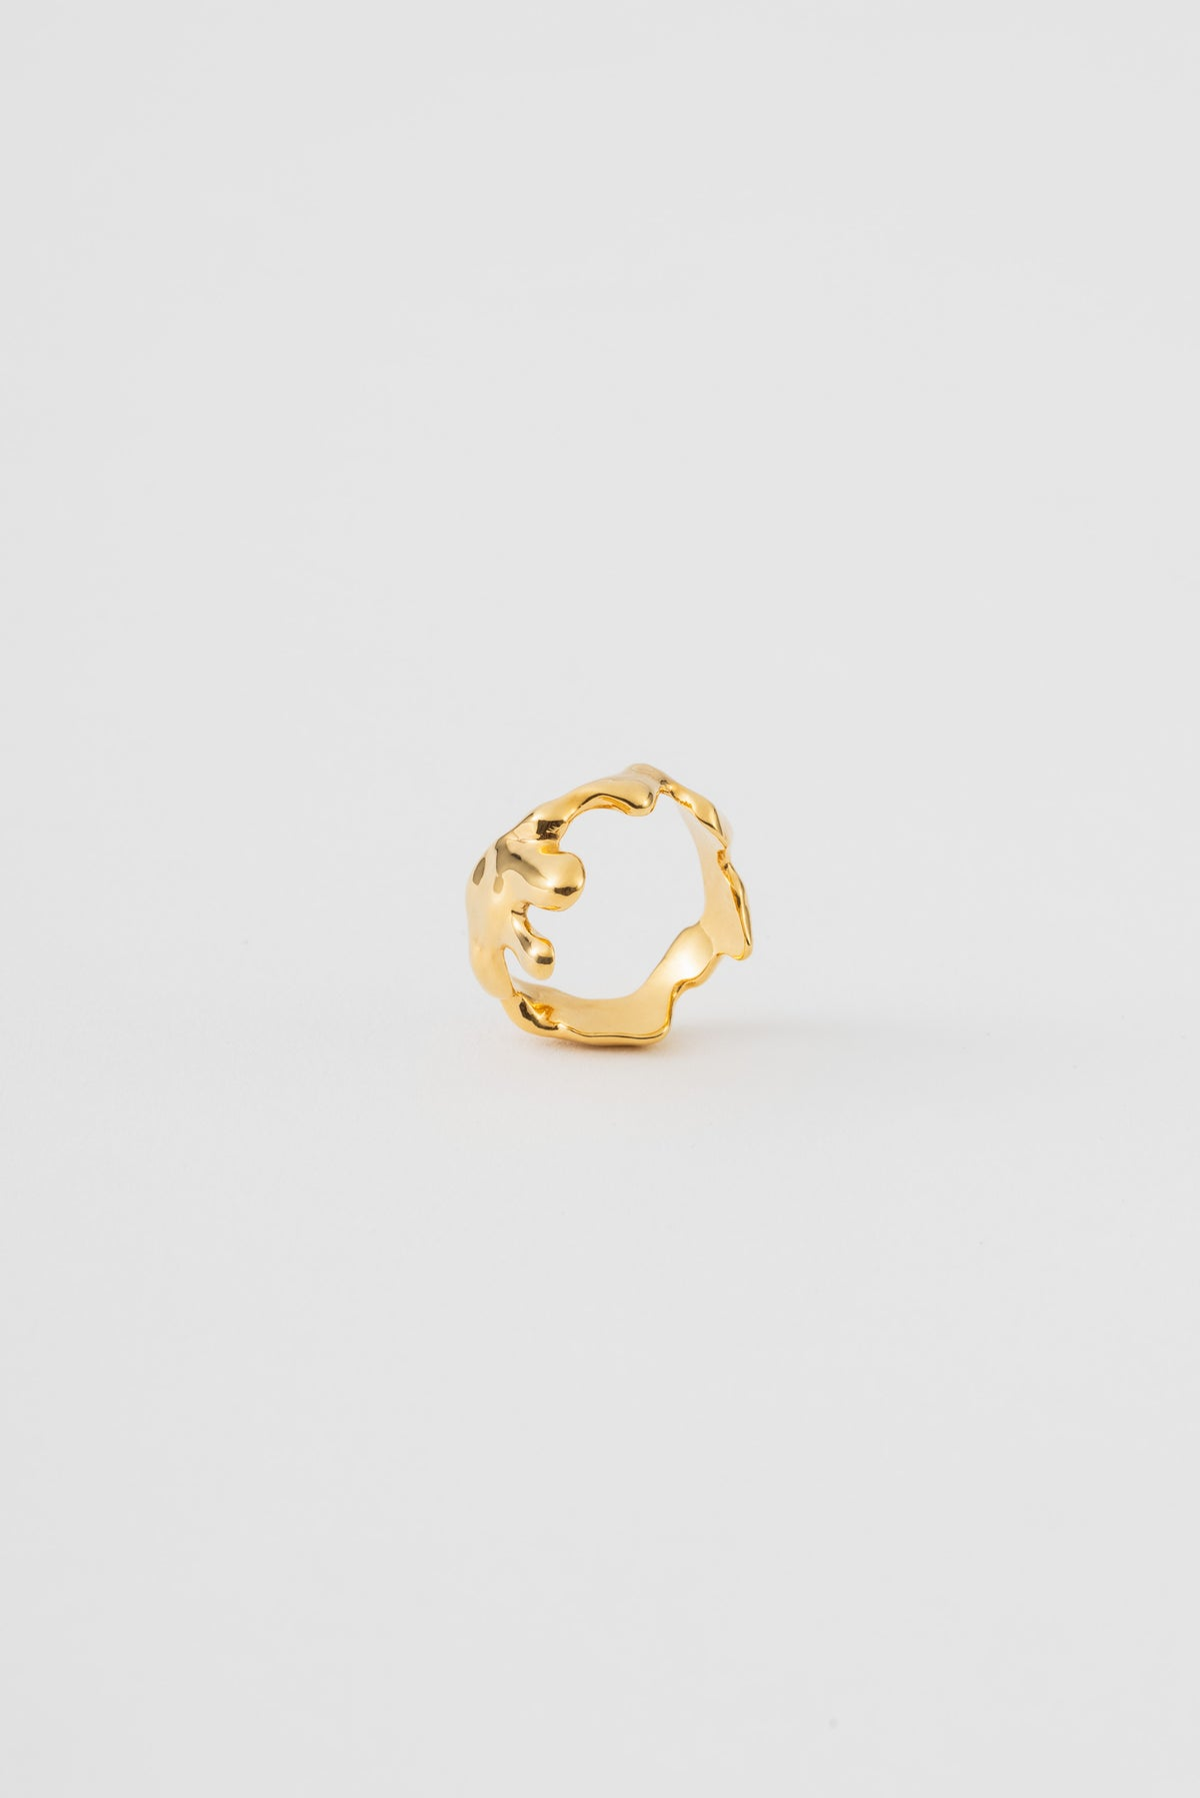 Image of splash ring